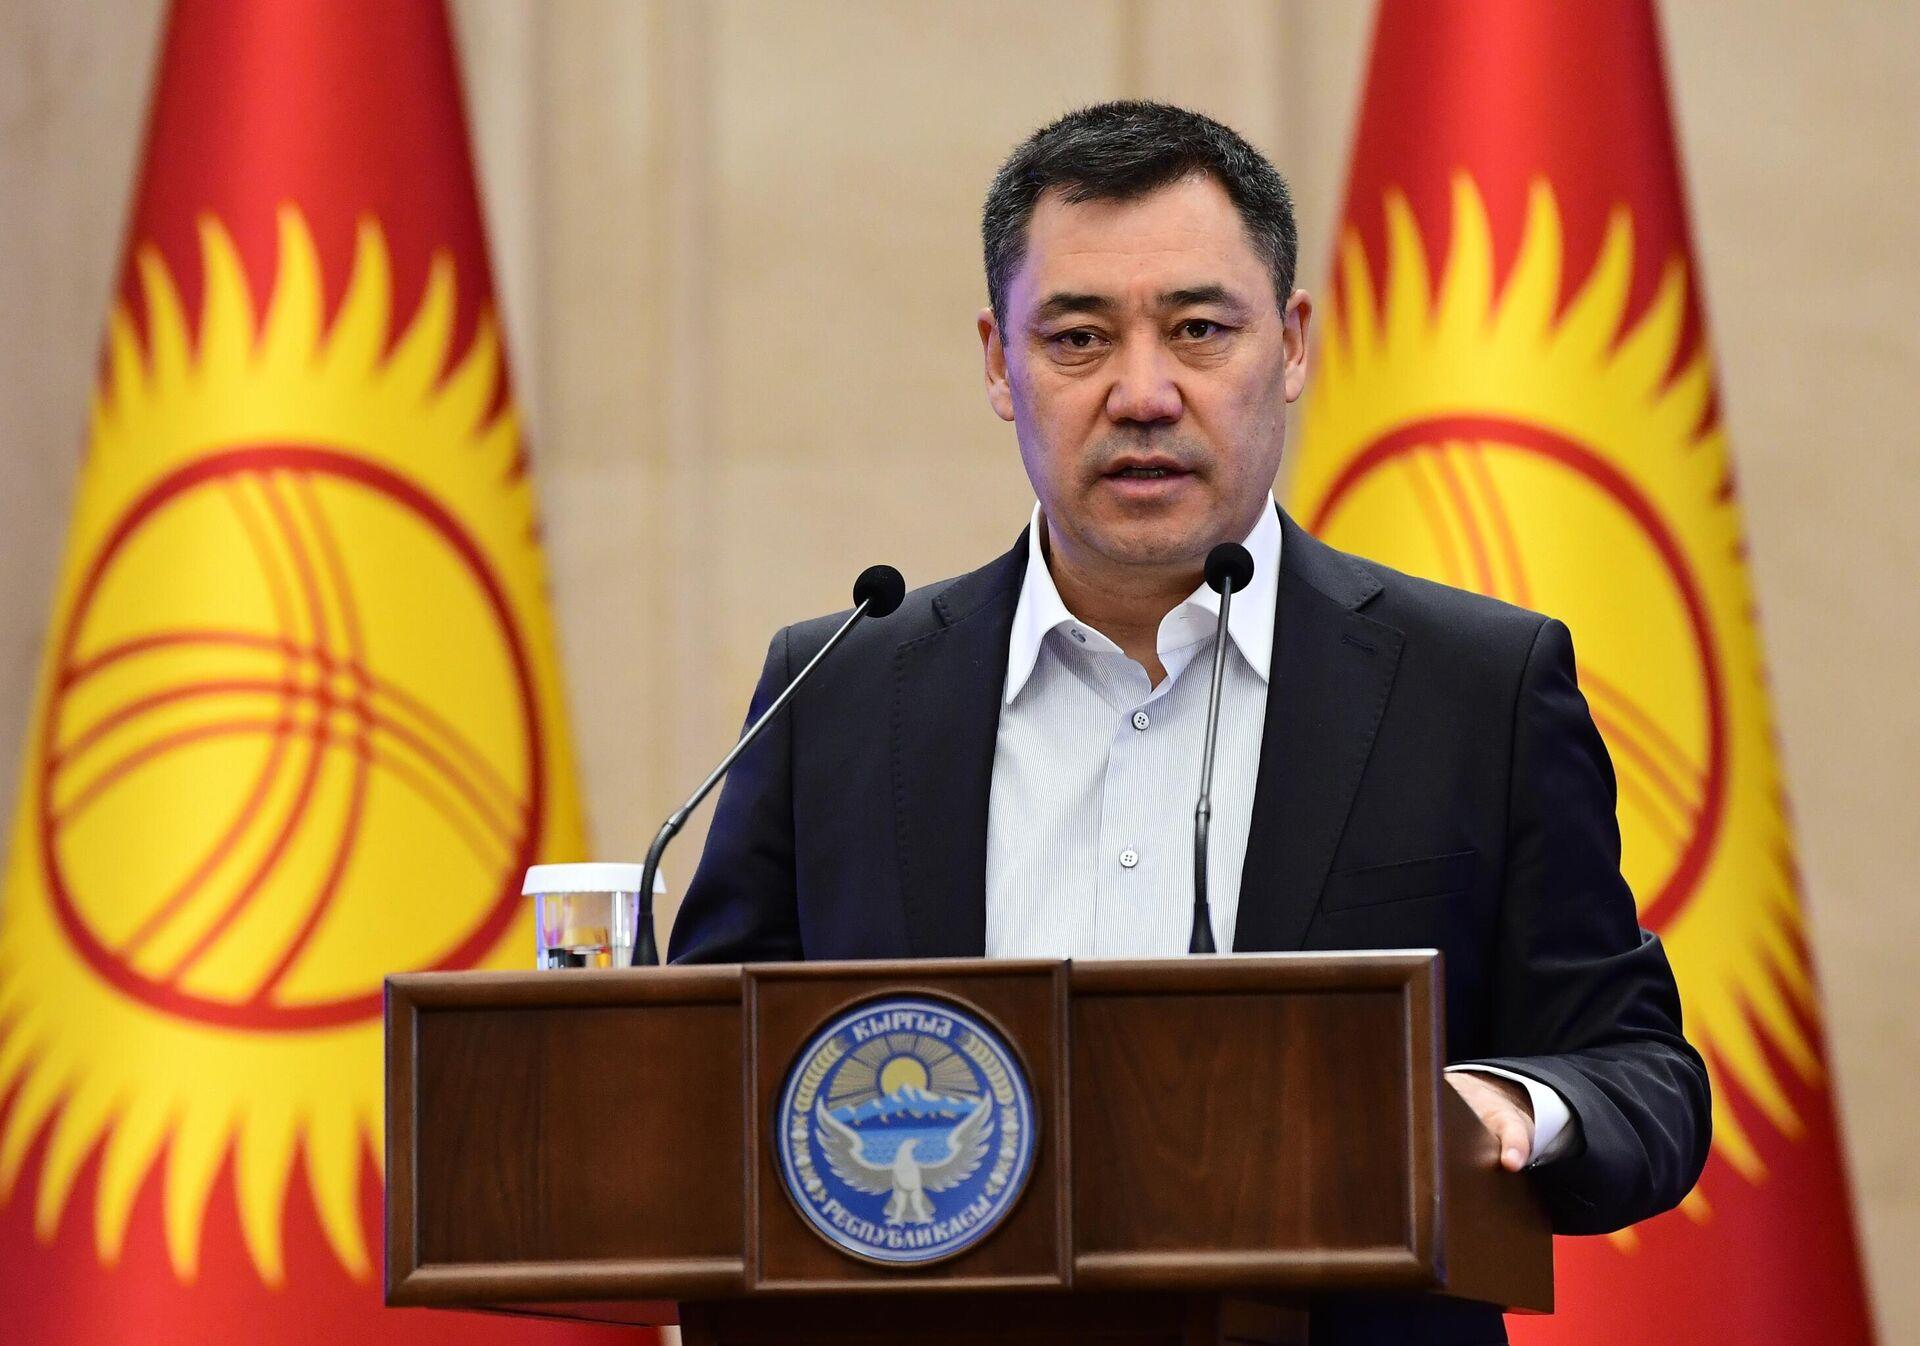 Премьер-министр Киргизии Садыр Жапаров выступает на внеочередном заседании парламента в Бишкеке - ПРОФИ Новости, 1920, 20.11.2020